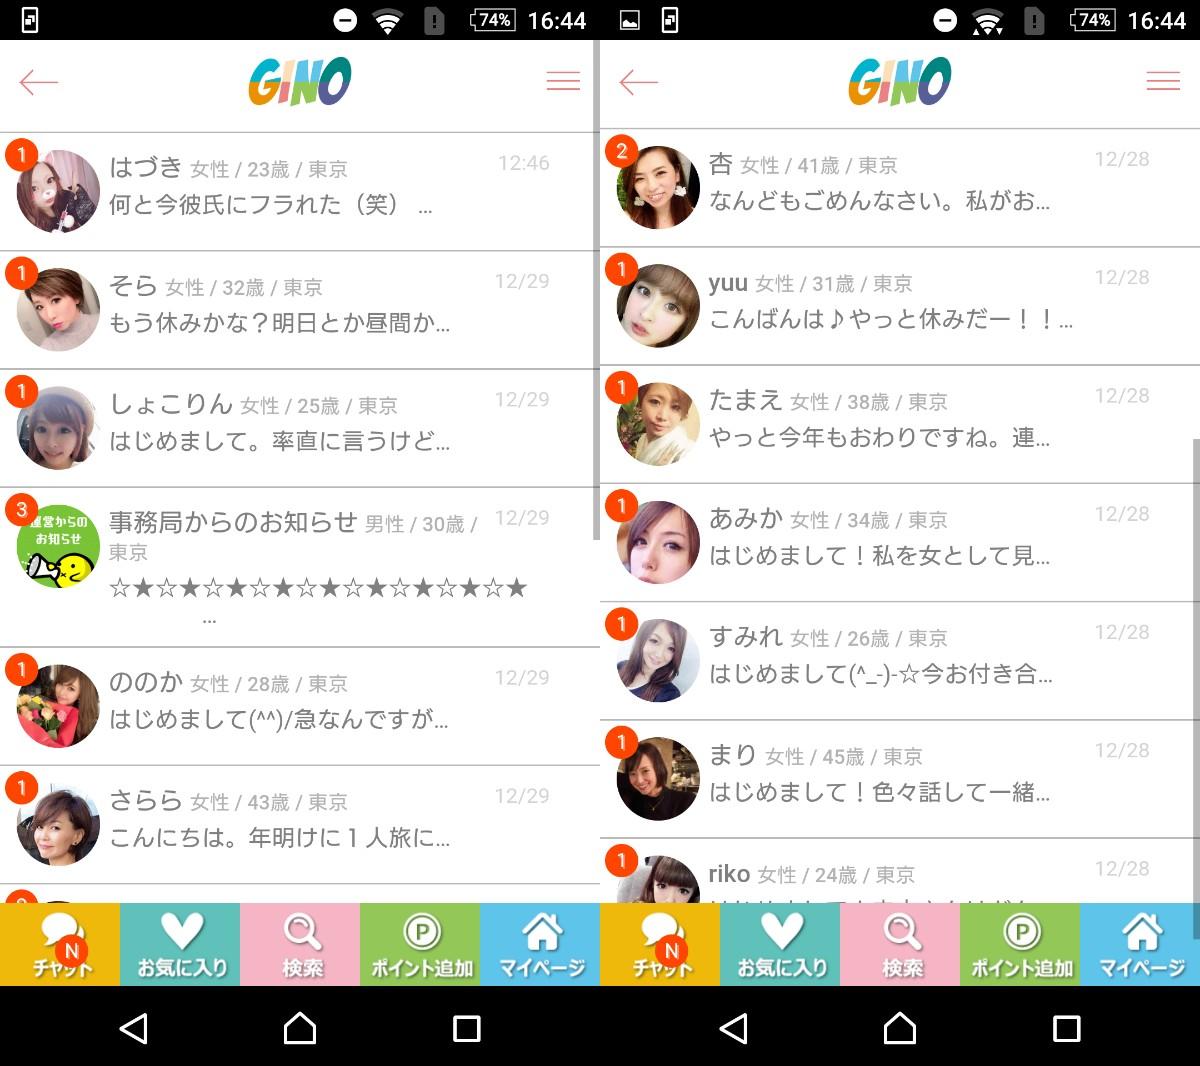 出会系チャットのジーノ 恋人探し&友達作りアプリで恋活トークサクラ一覧